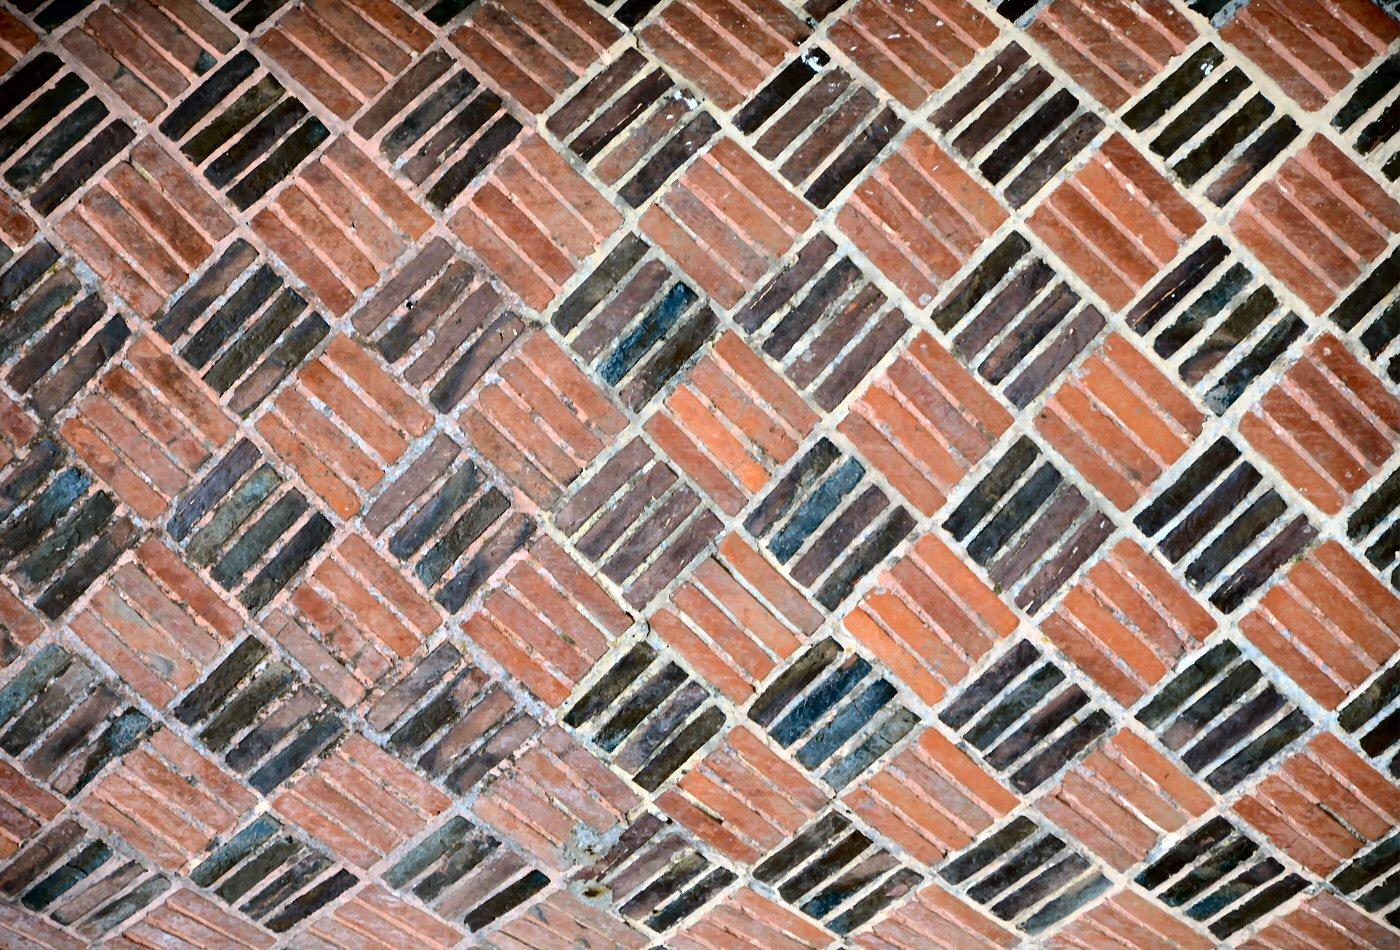 Photographie d'un mur en brique rouges et noires: www.bzho.com/TEXTURE/brique02.htm